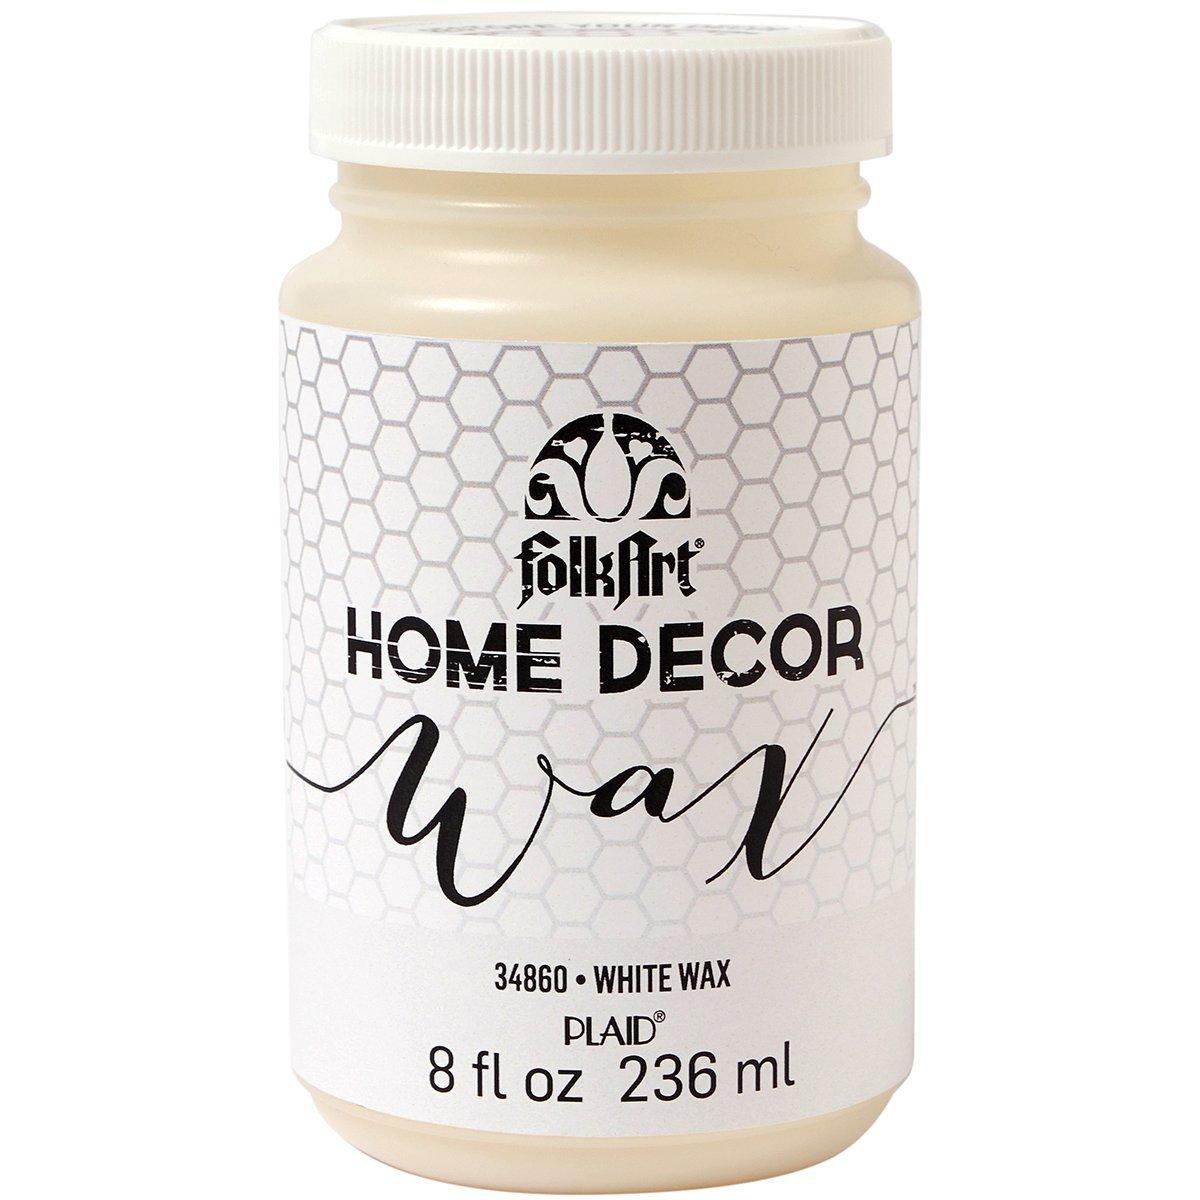 Folk Art Home Decor Liquid Wax - White